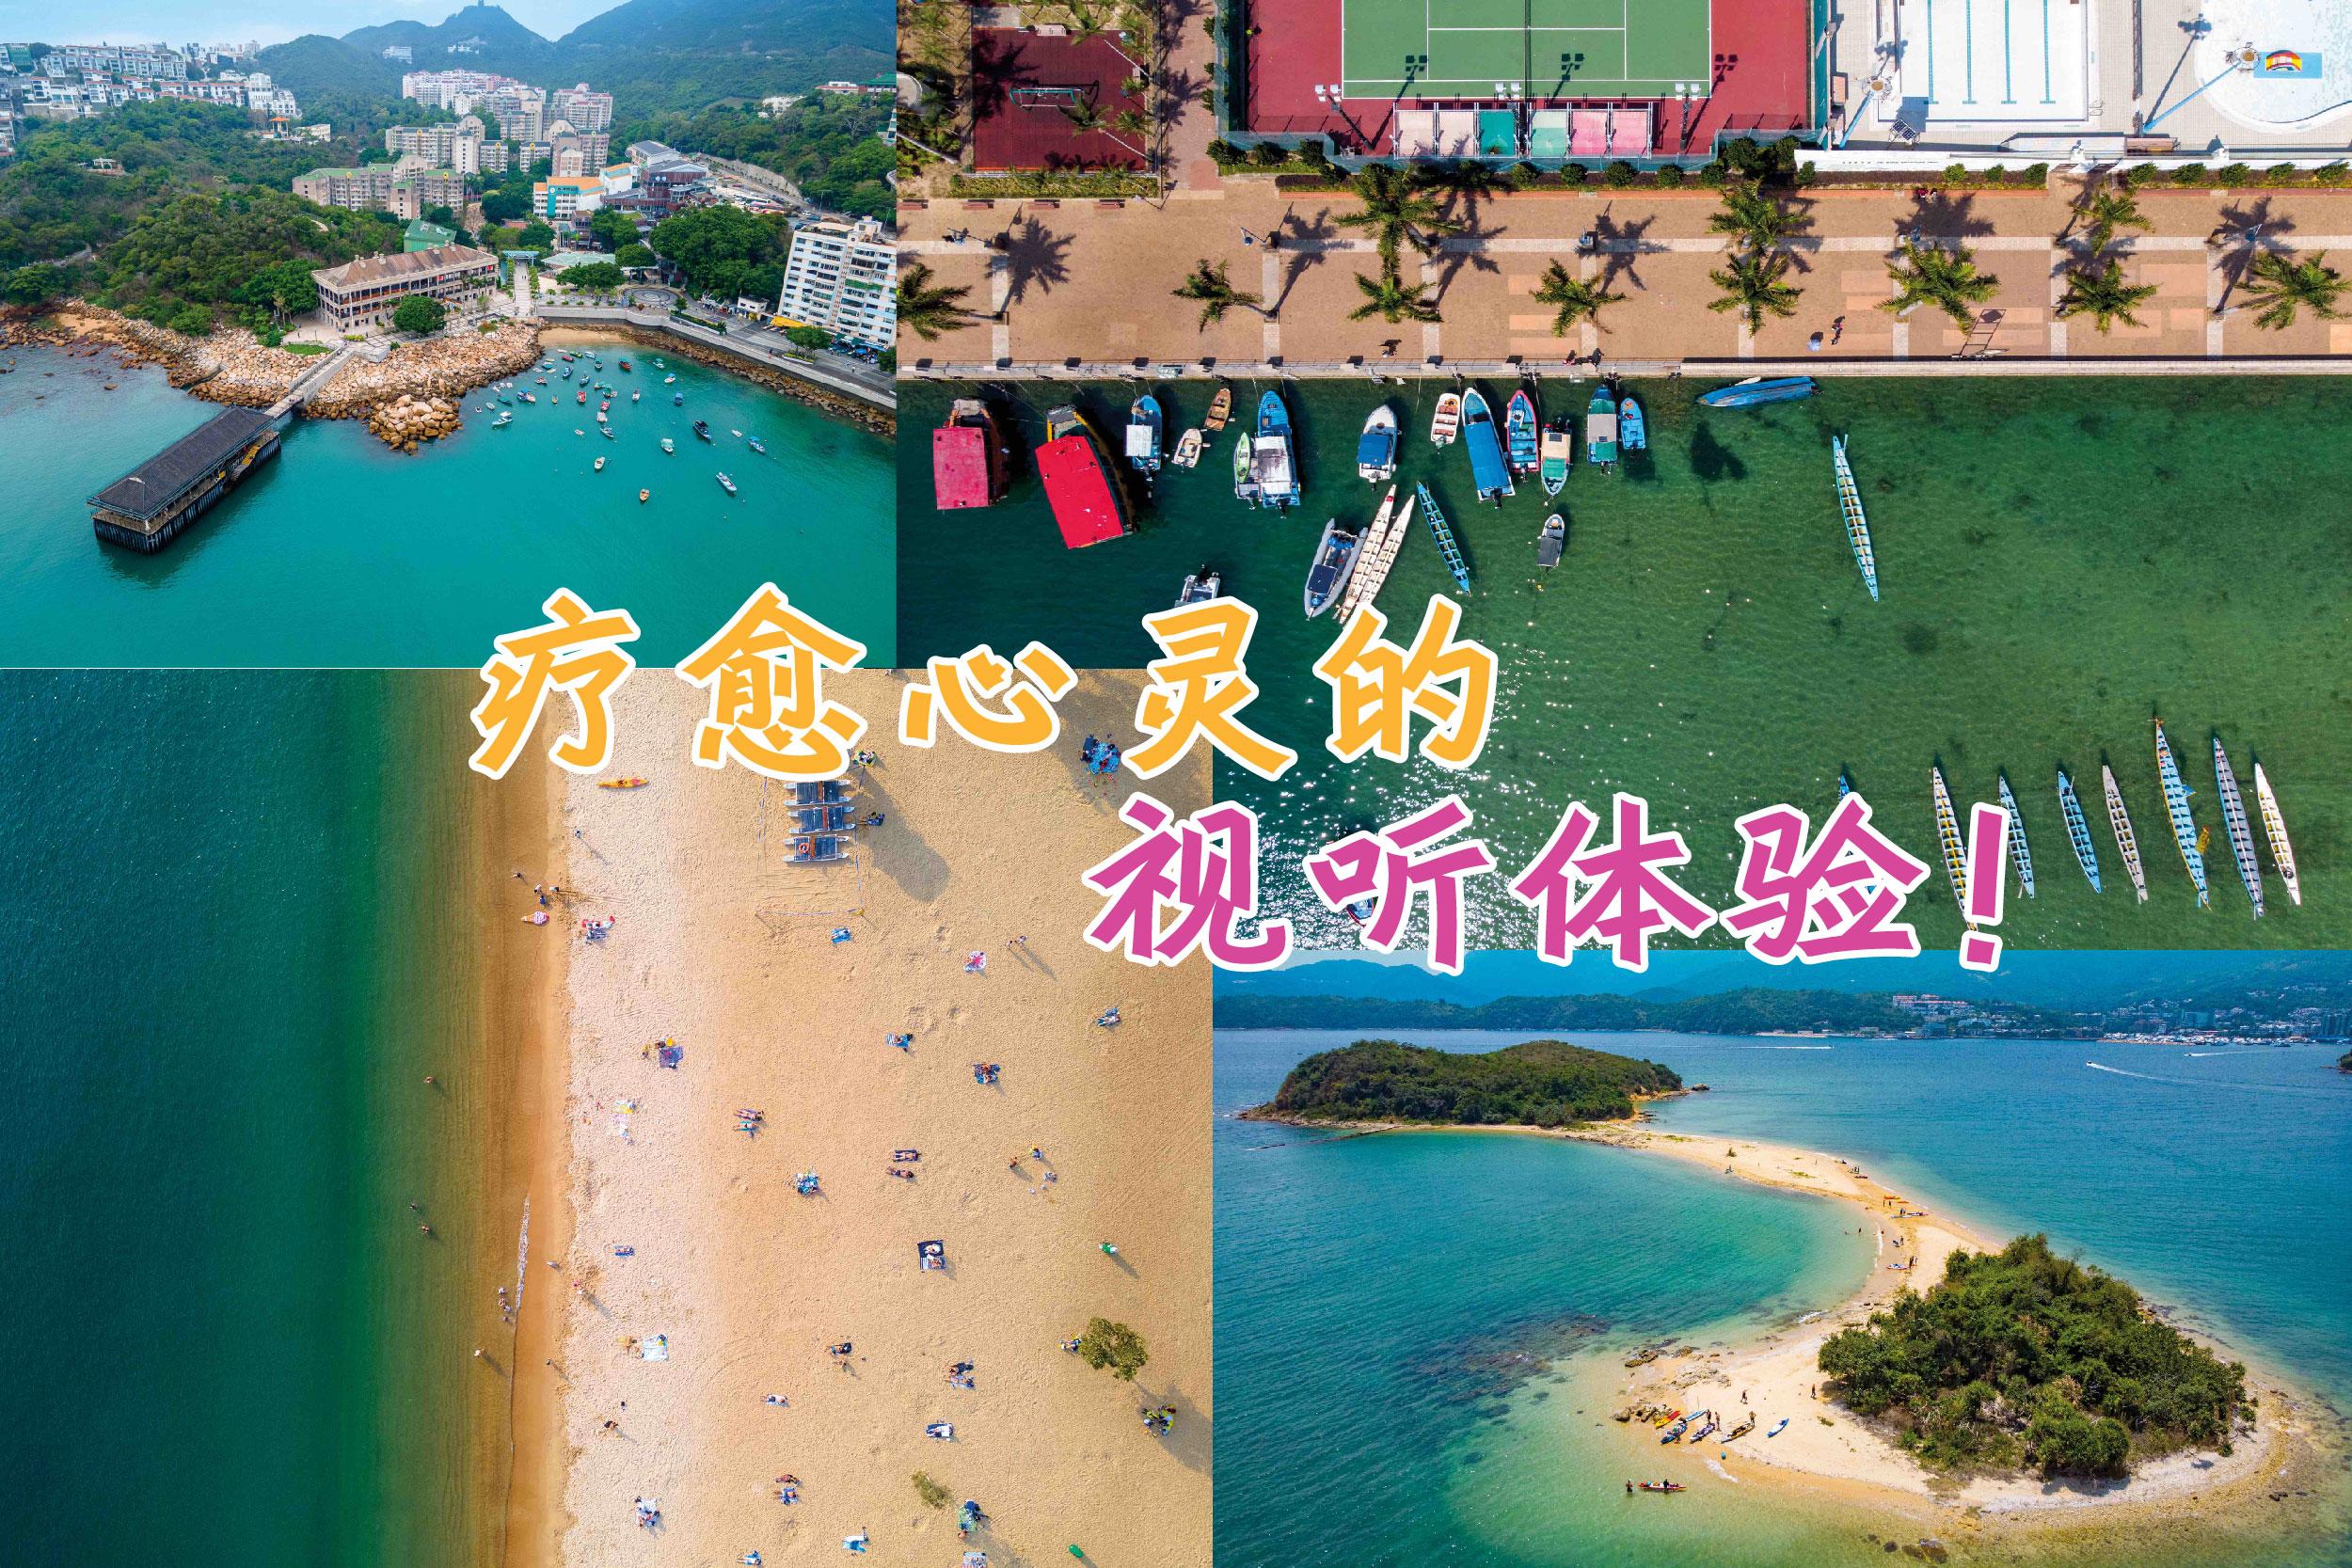 香港旅游发展局推出不同主题的ASMR短片,为外国旅客呈献妙不可言的香港炎夏之旅。-香港旅发局提供/精彩大马制图-